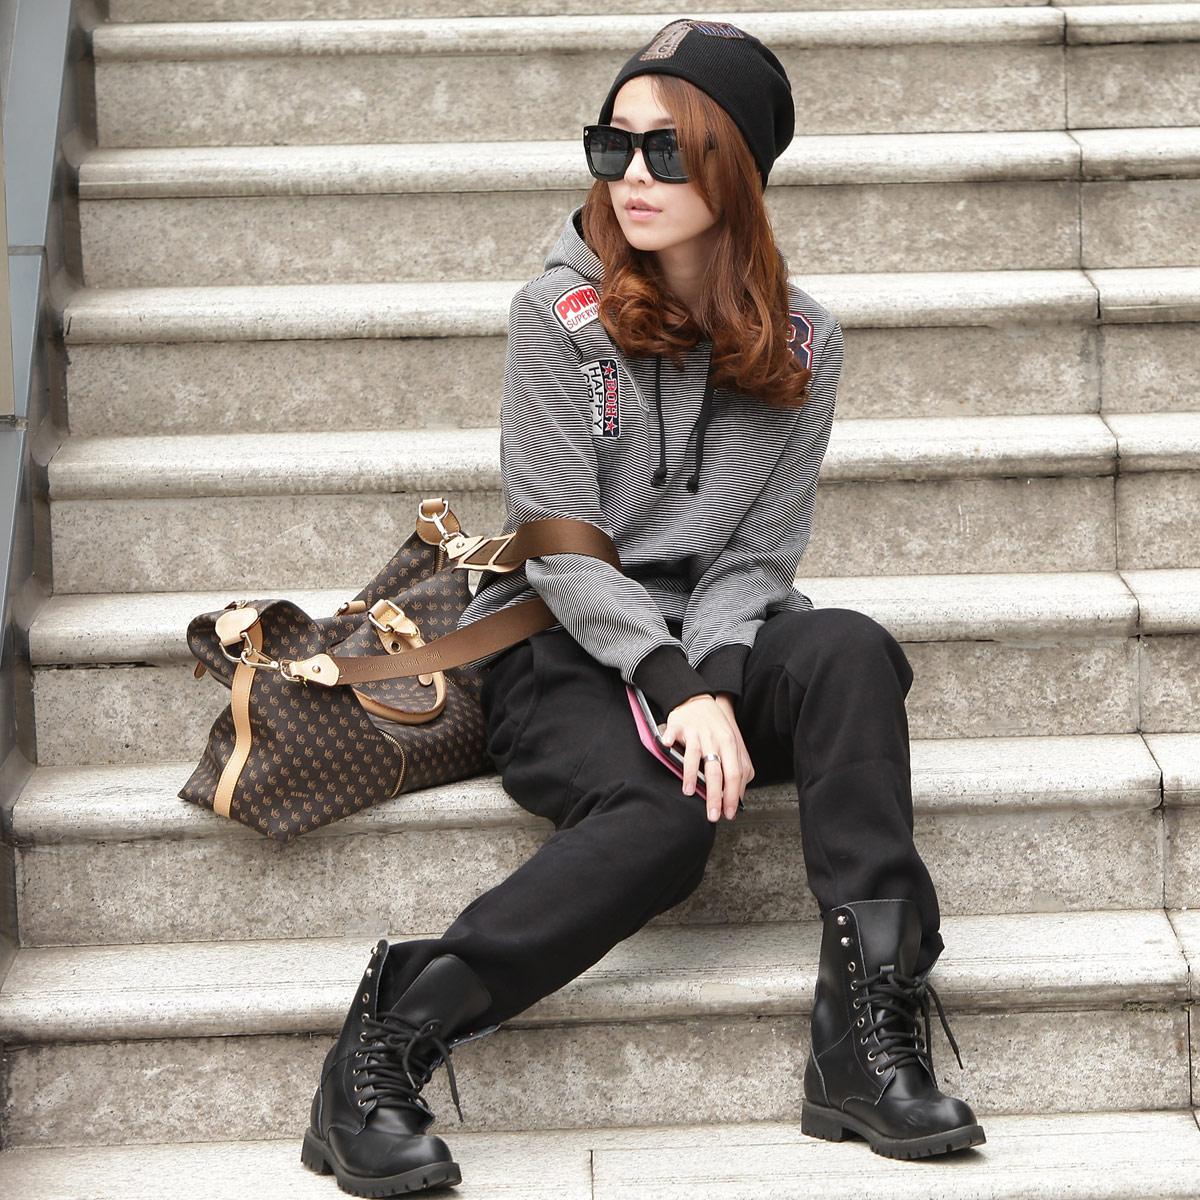 卫衣搭配女_2013春装新品长袖连帽细条纹上衣黑裤经典搭配卫衣女两件套运动装